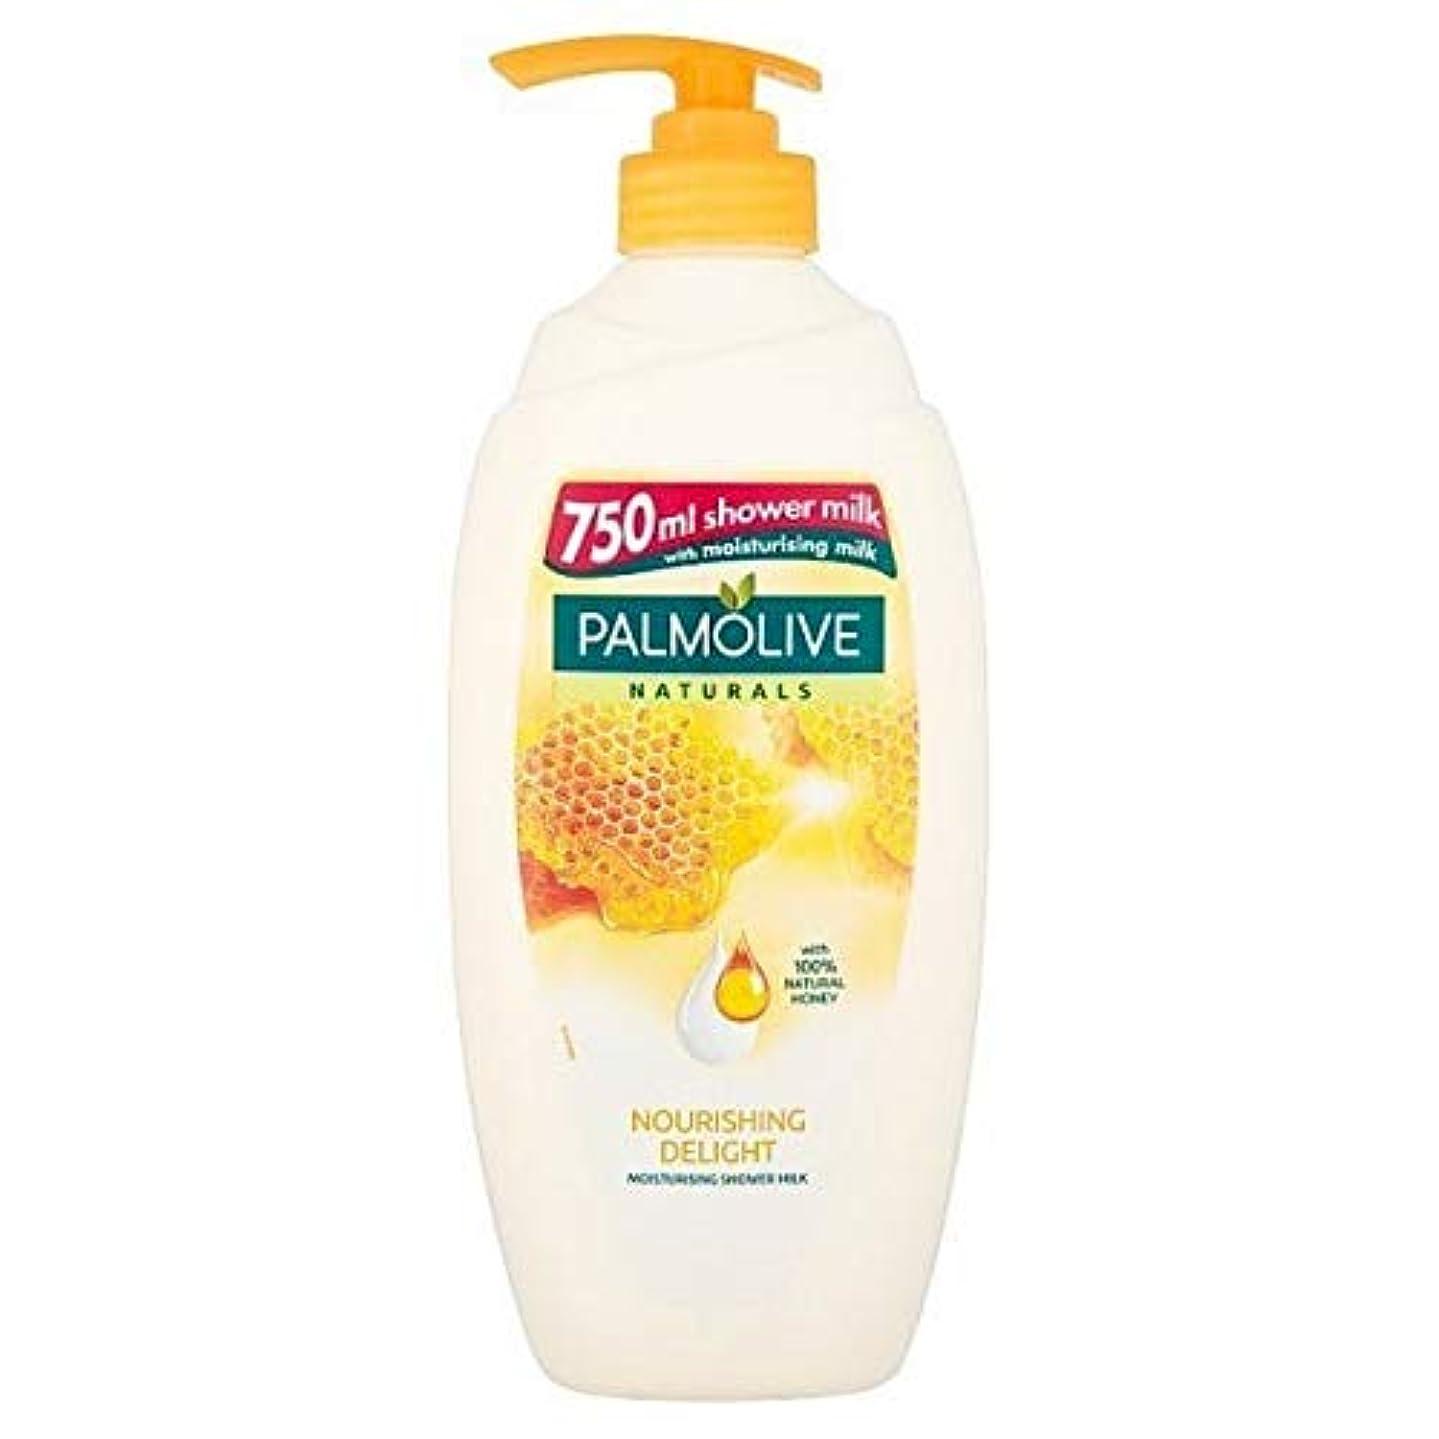 定期的白い強制[Palmolive ] パルモライブナチュラルミルク&ハニーシャワージェルクリーム750ミリリットル - Palmolive Naturals Milk & Honey Shower Gel Cream 750ml [...